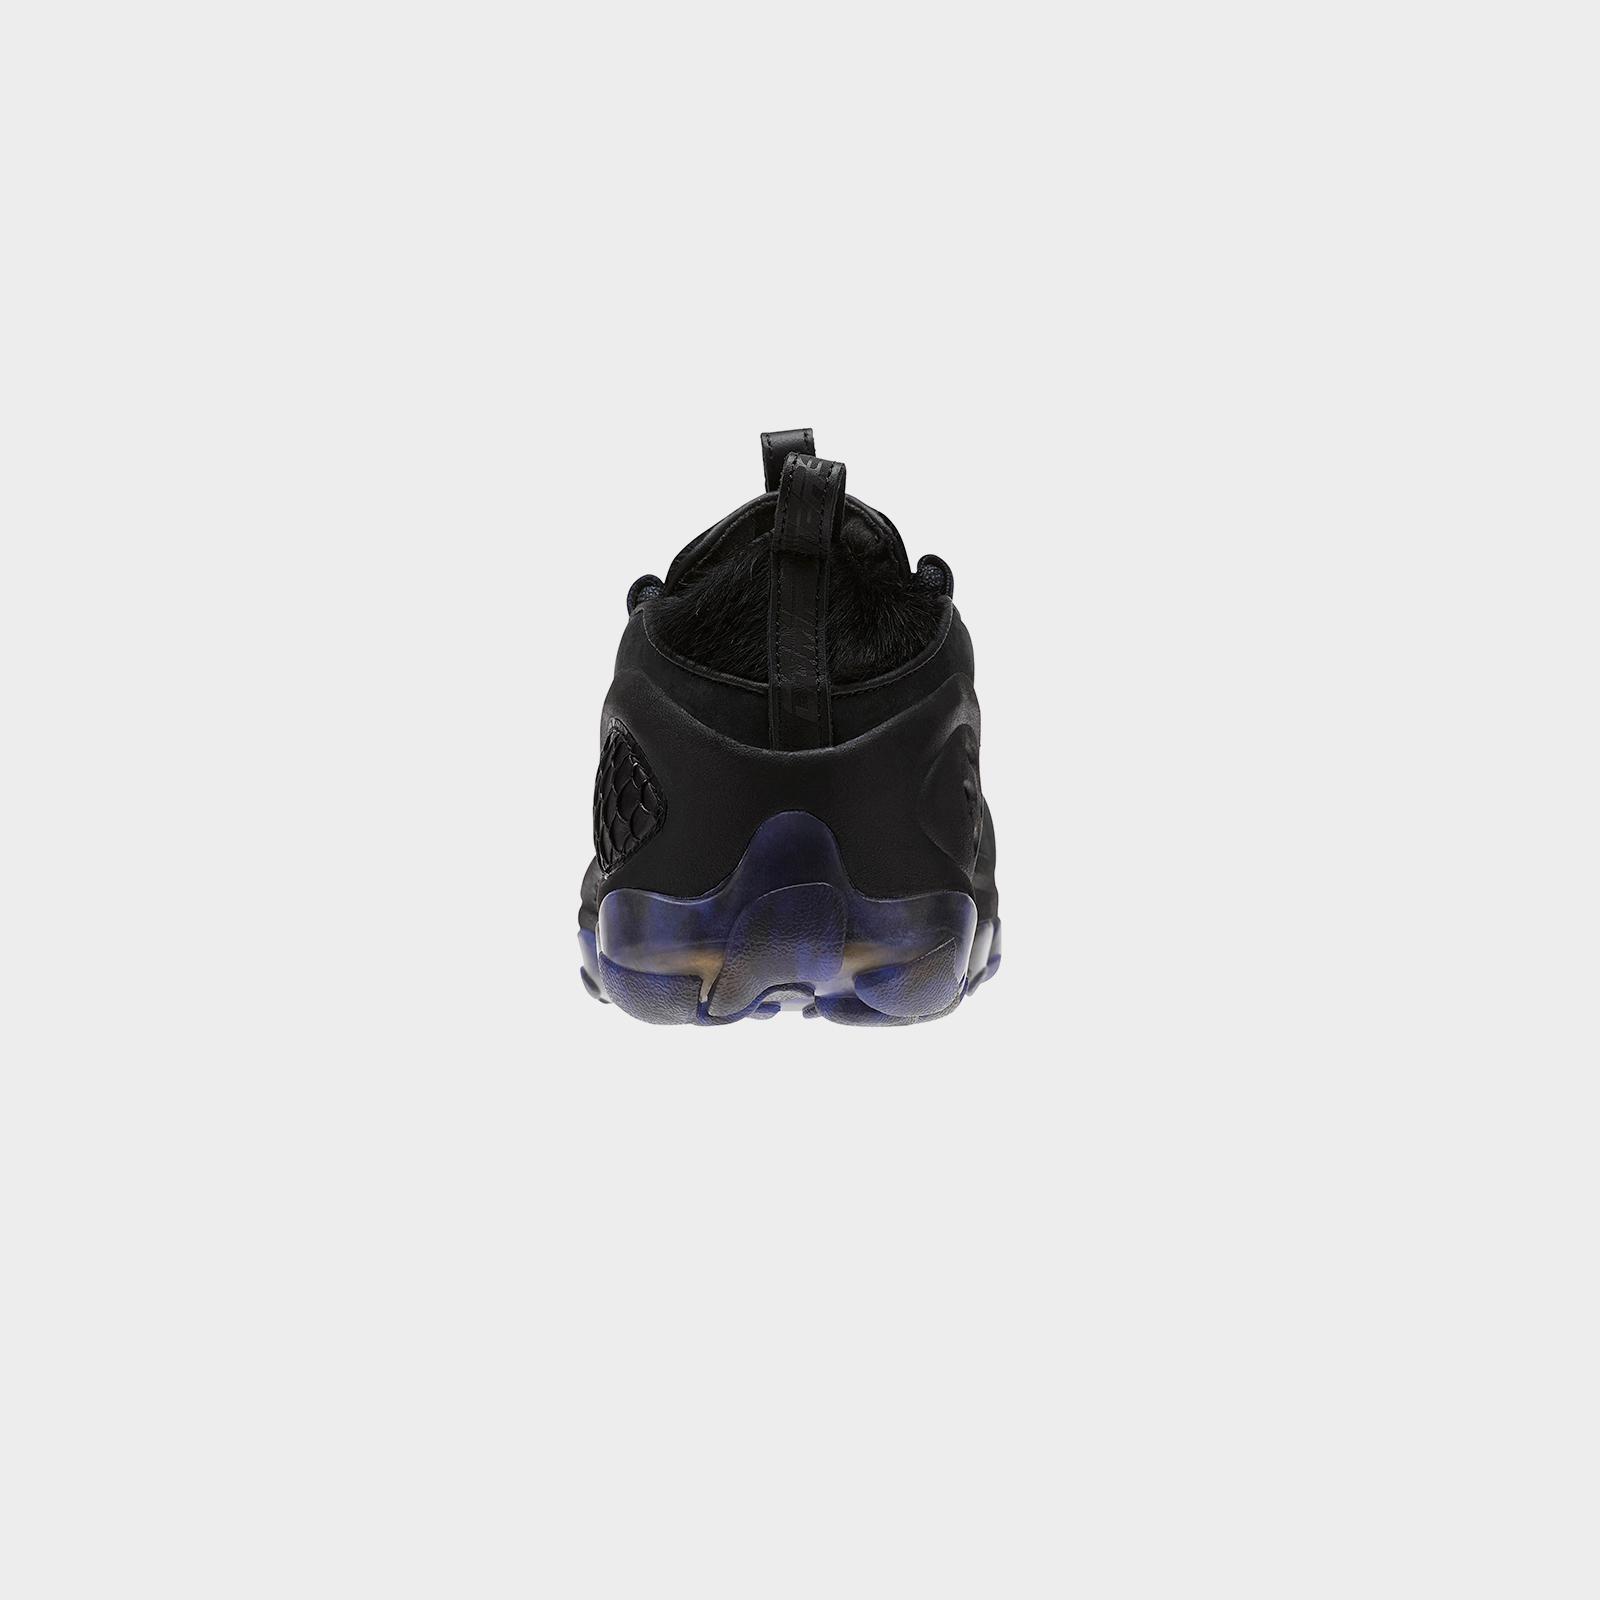 d6837165a77 Reebok Dmx Run 10 - Cn3440 - Sneakersnstuff